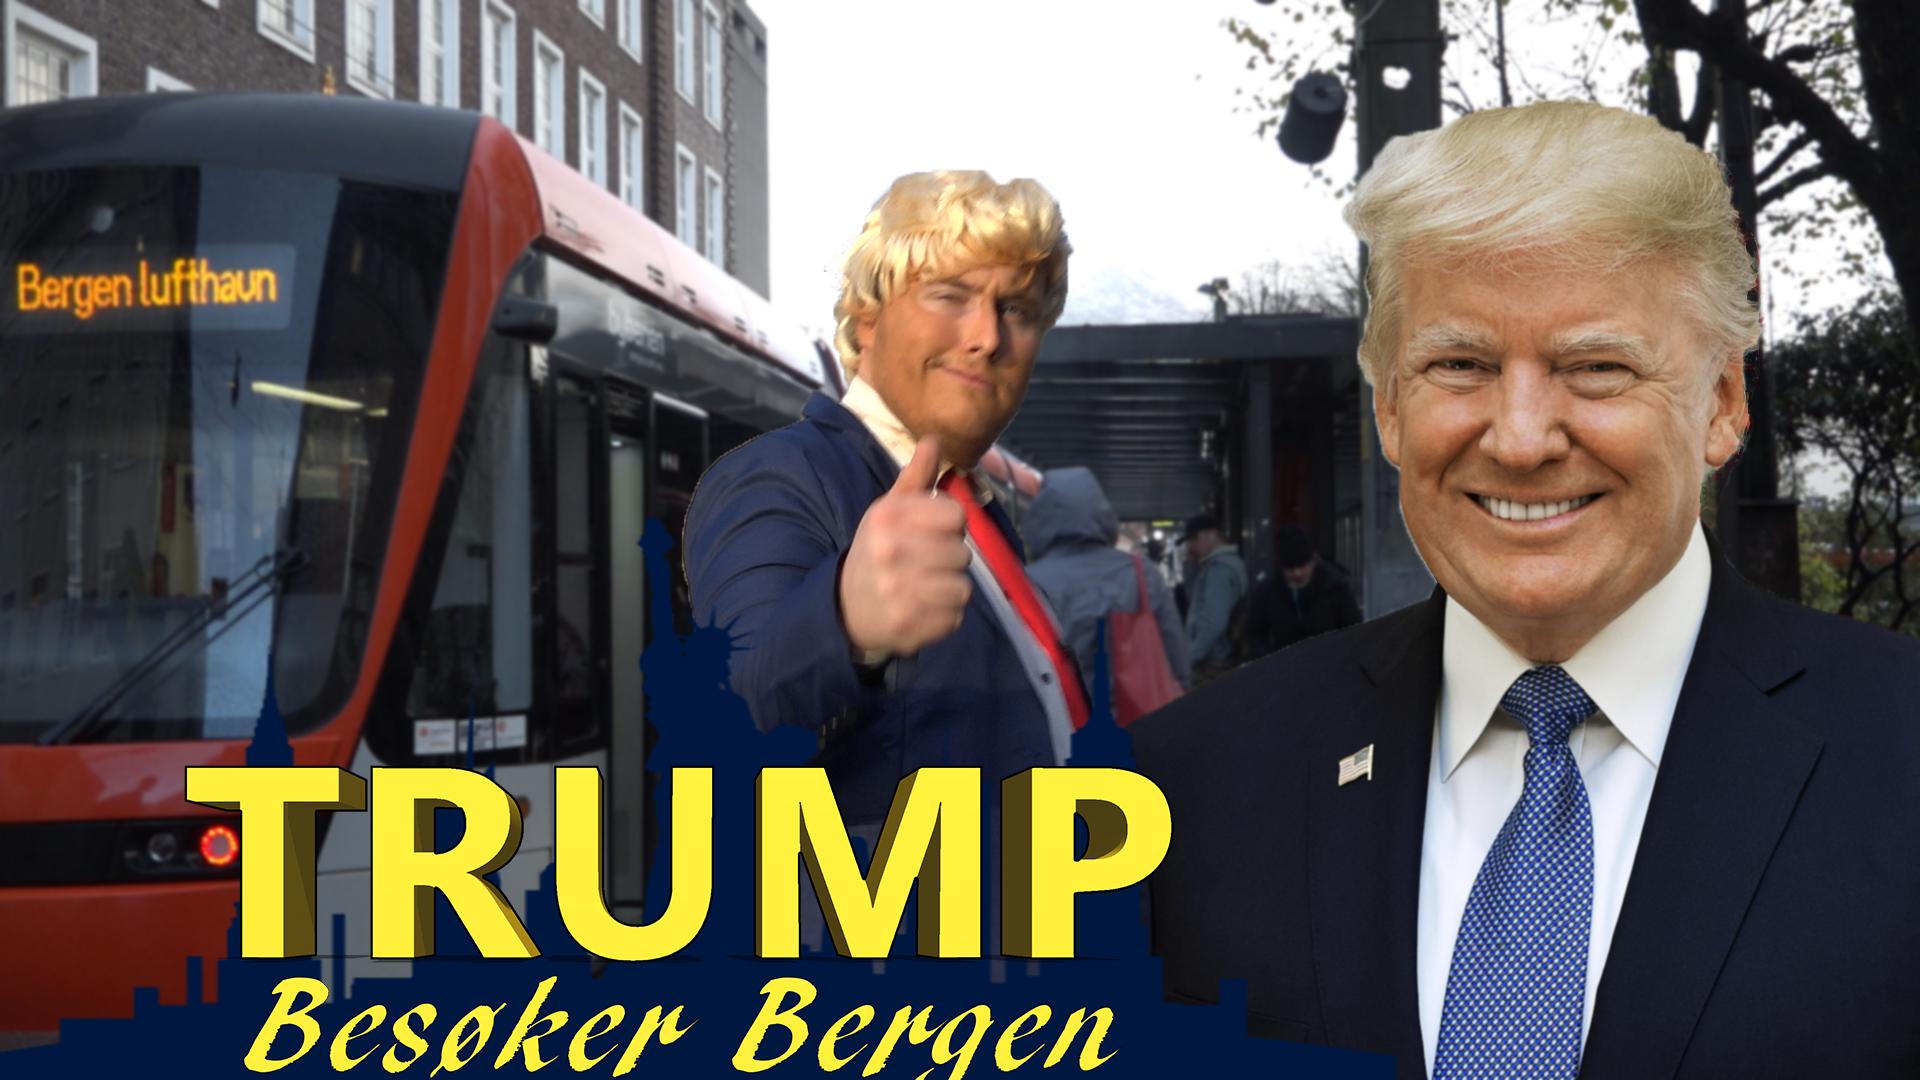 Trump Besøker Bergen: Trump's Train Track Adventures